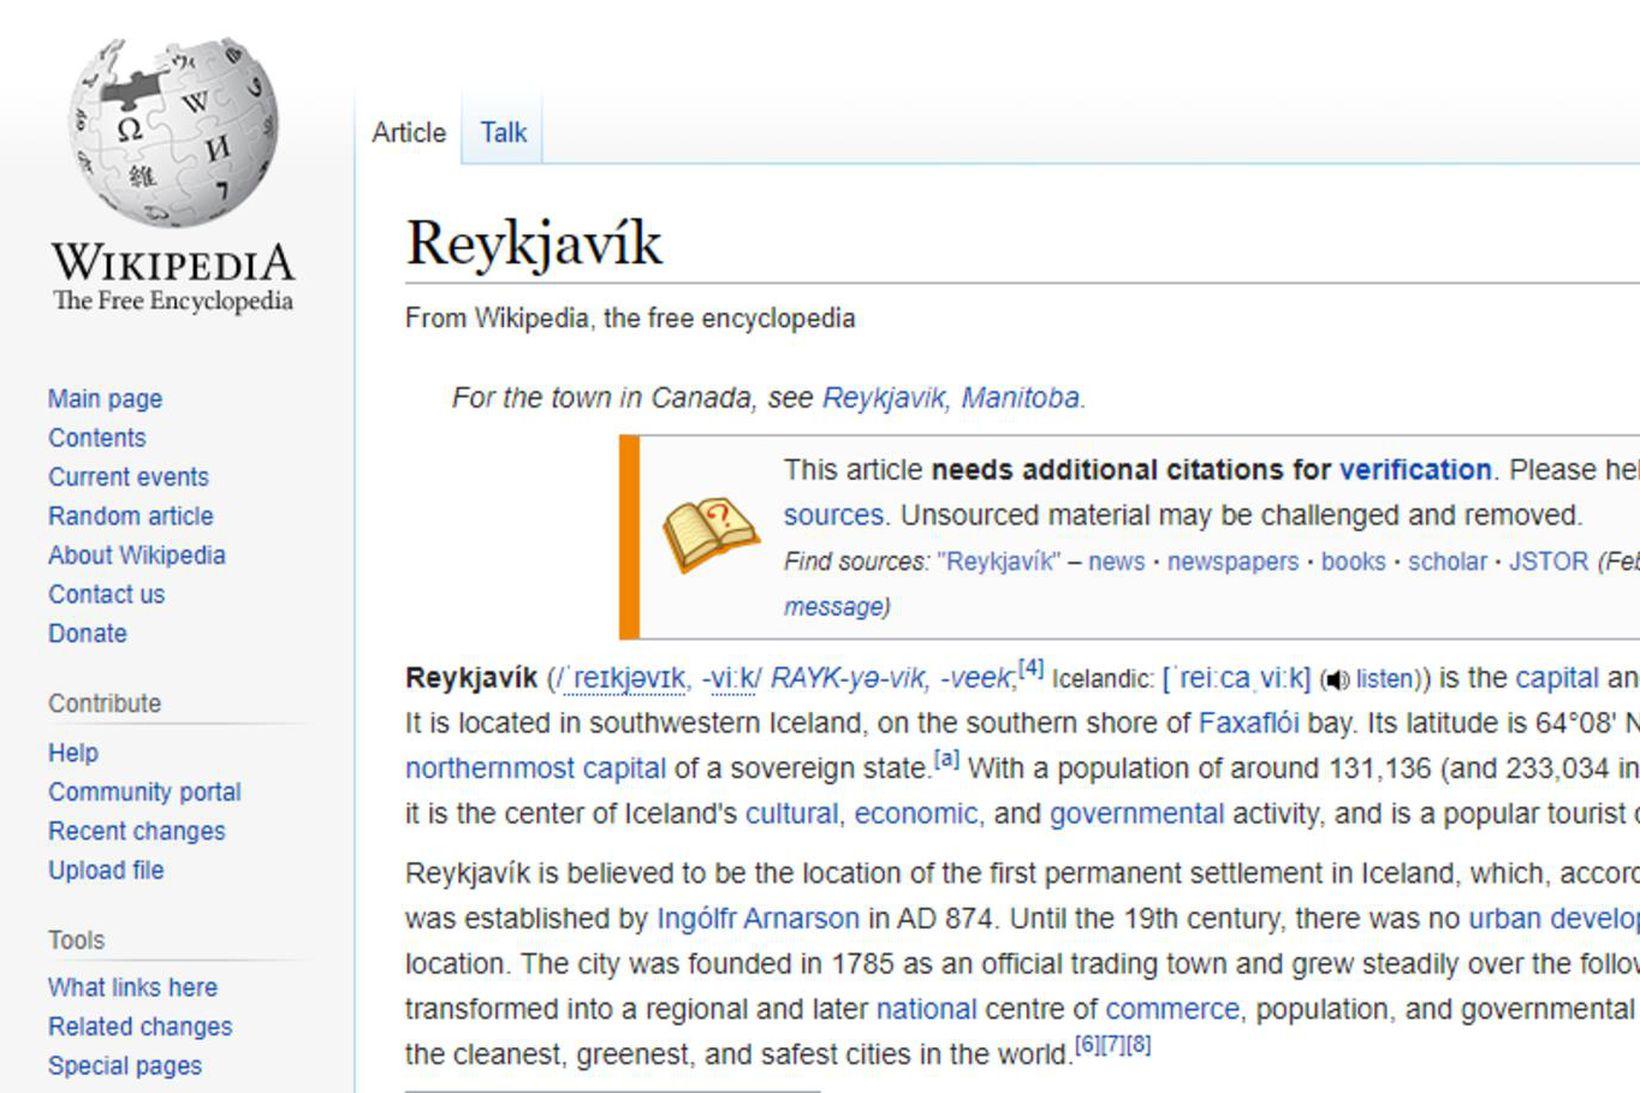 Með því að uppfæra Wikipediu-síðu bæjarins má auðveldlega auka hagnað …